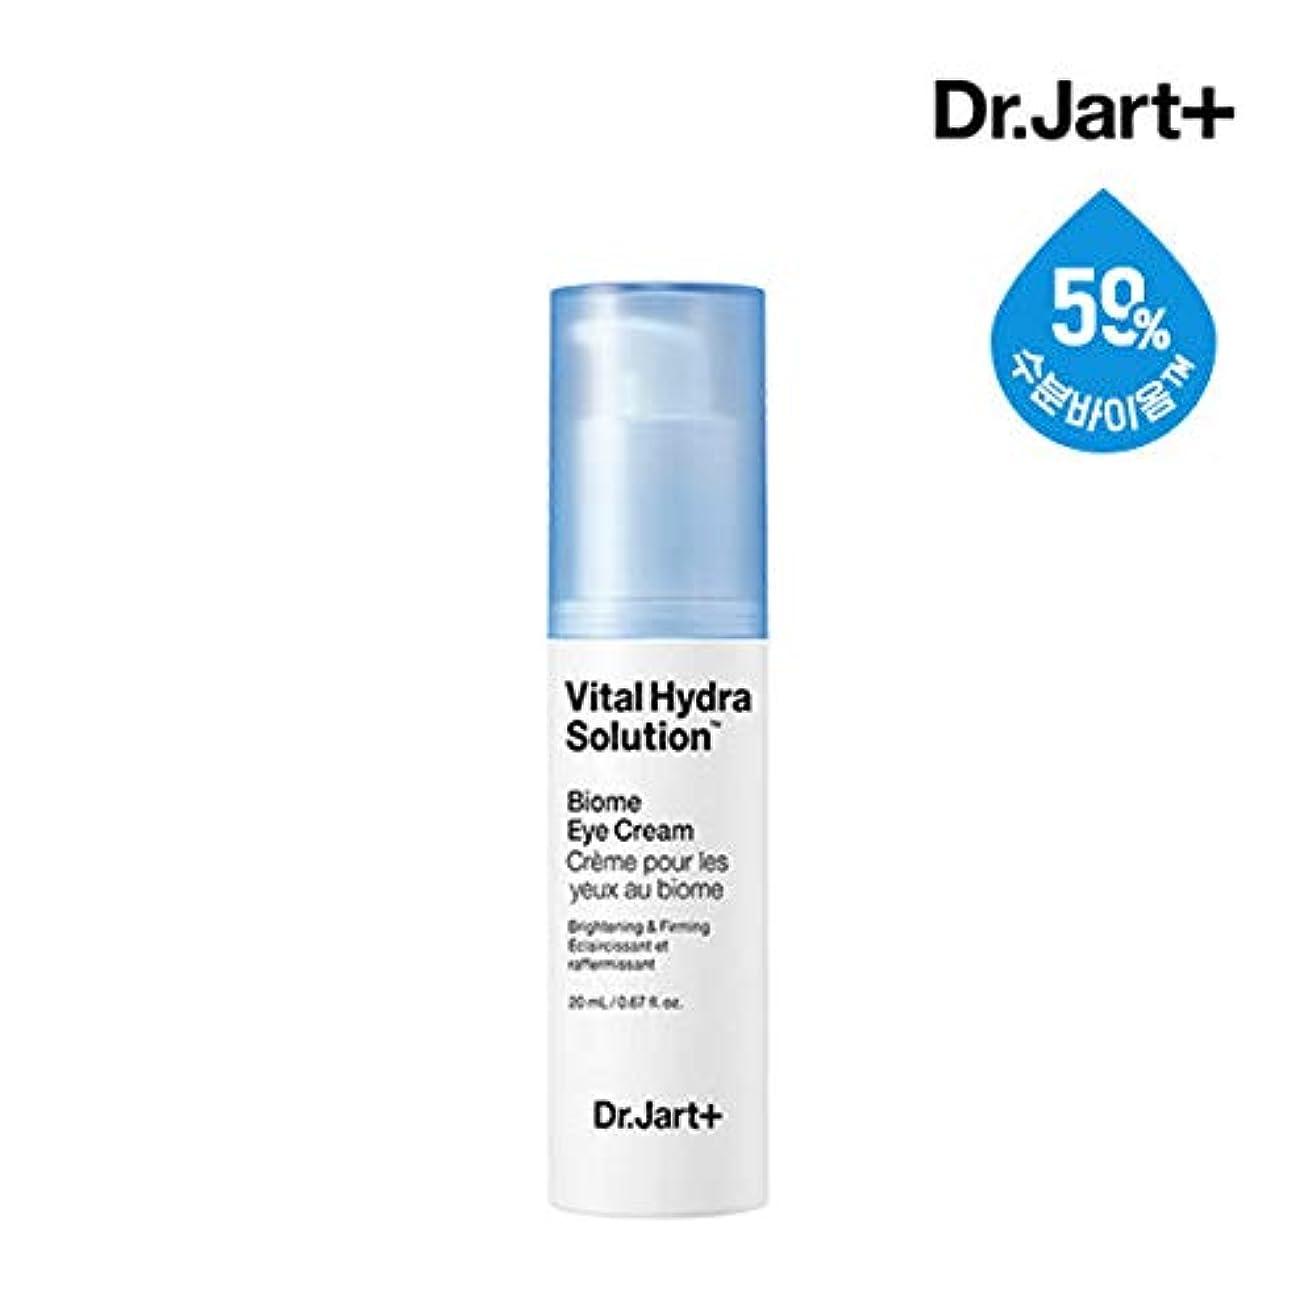 前兆飾るズームドクタージャルトゥ[Dr.Jart+] バイタルハイドラソリューションバイオームアイクリーム20ml (Vital Hydra Solution Biome Eye Cream) / ブライトニング&ファーミング